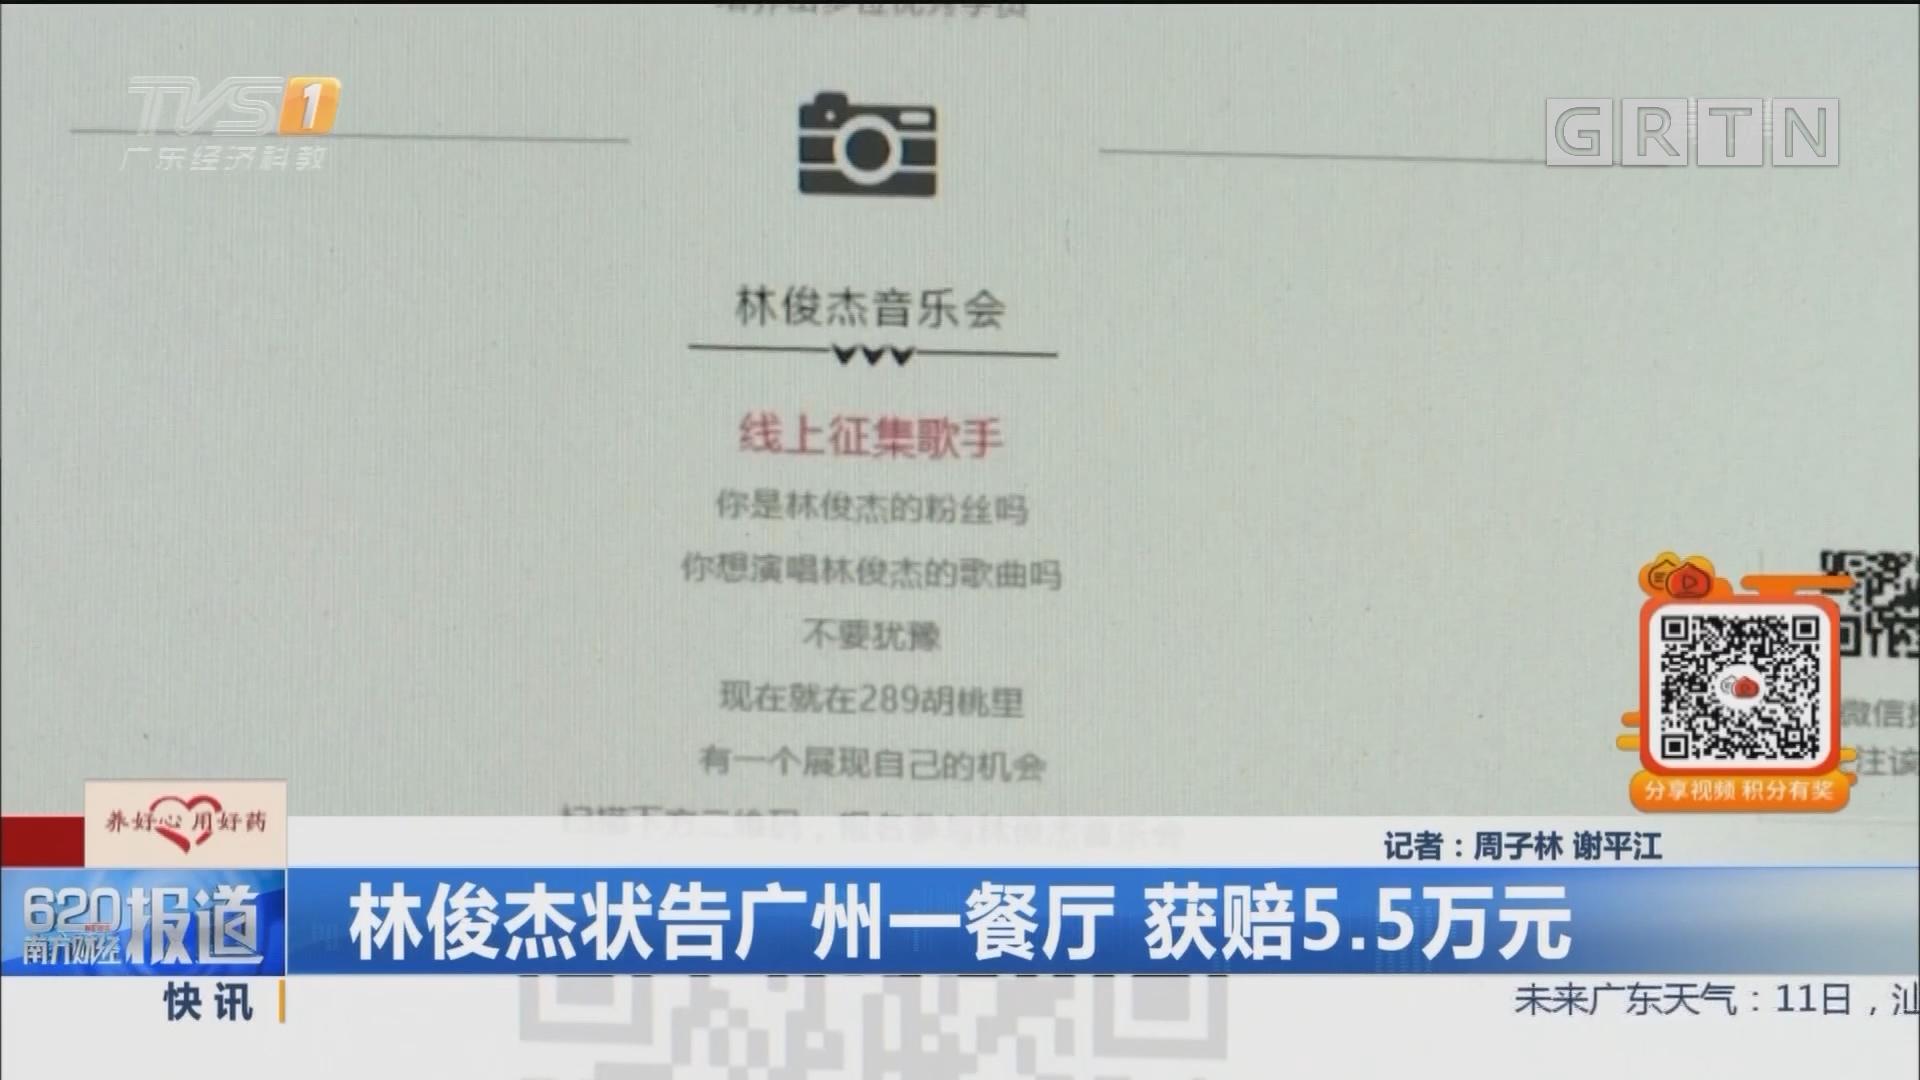 林俊杰状告广州一餐厅 获赔5.5万元